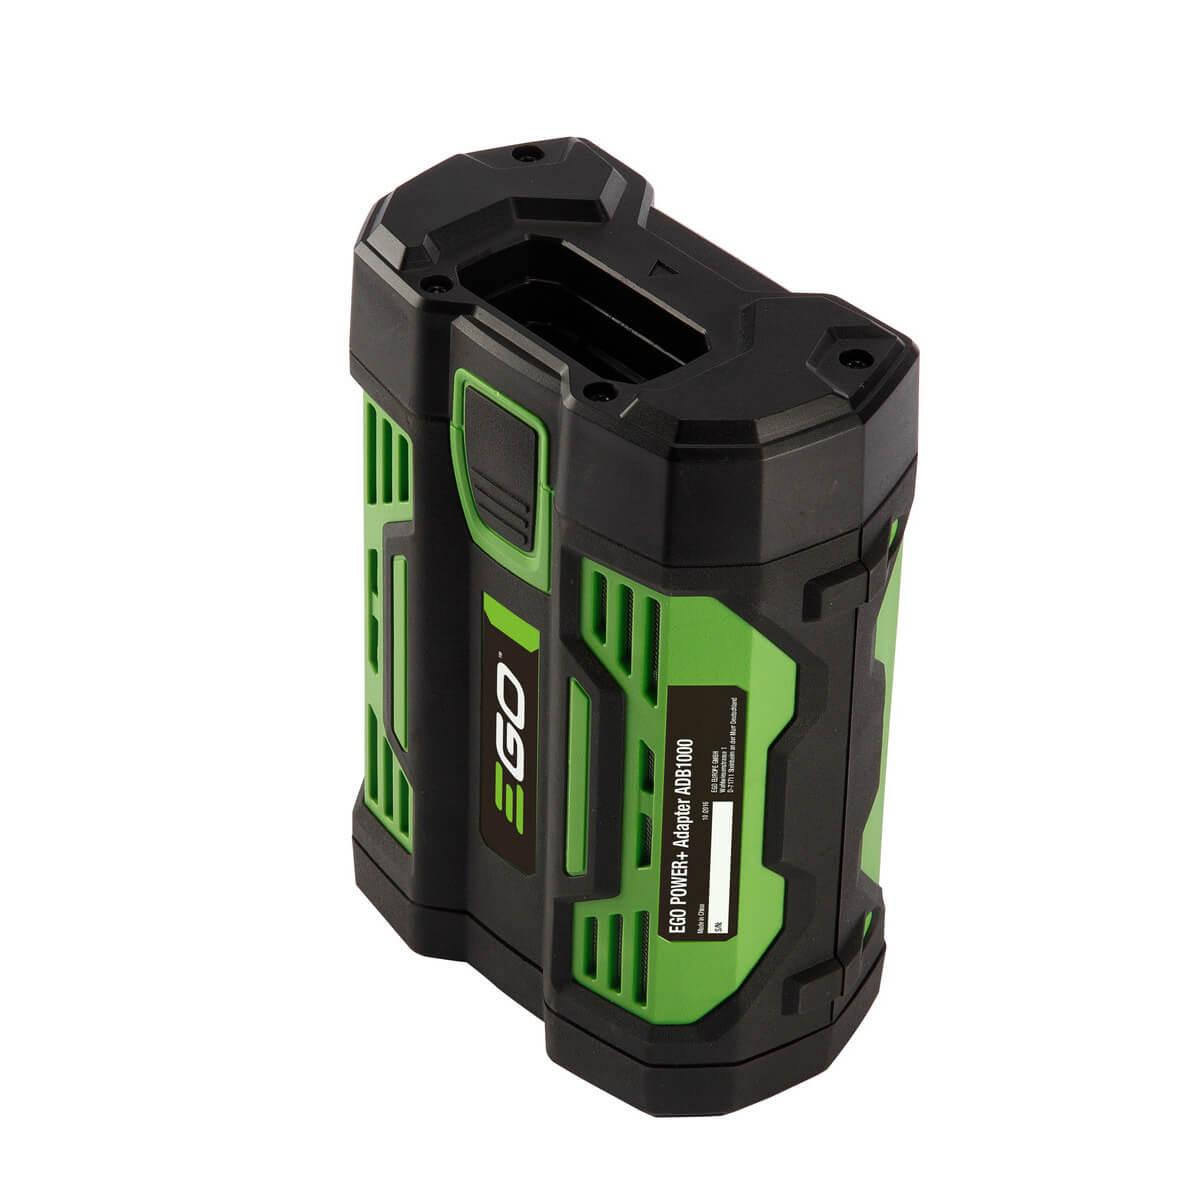 Adaptateur pour BAX1300, BAX1500 et BH1000 (batterie \